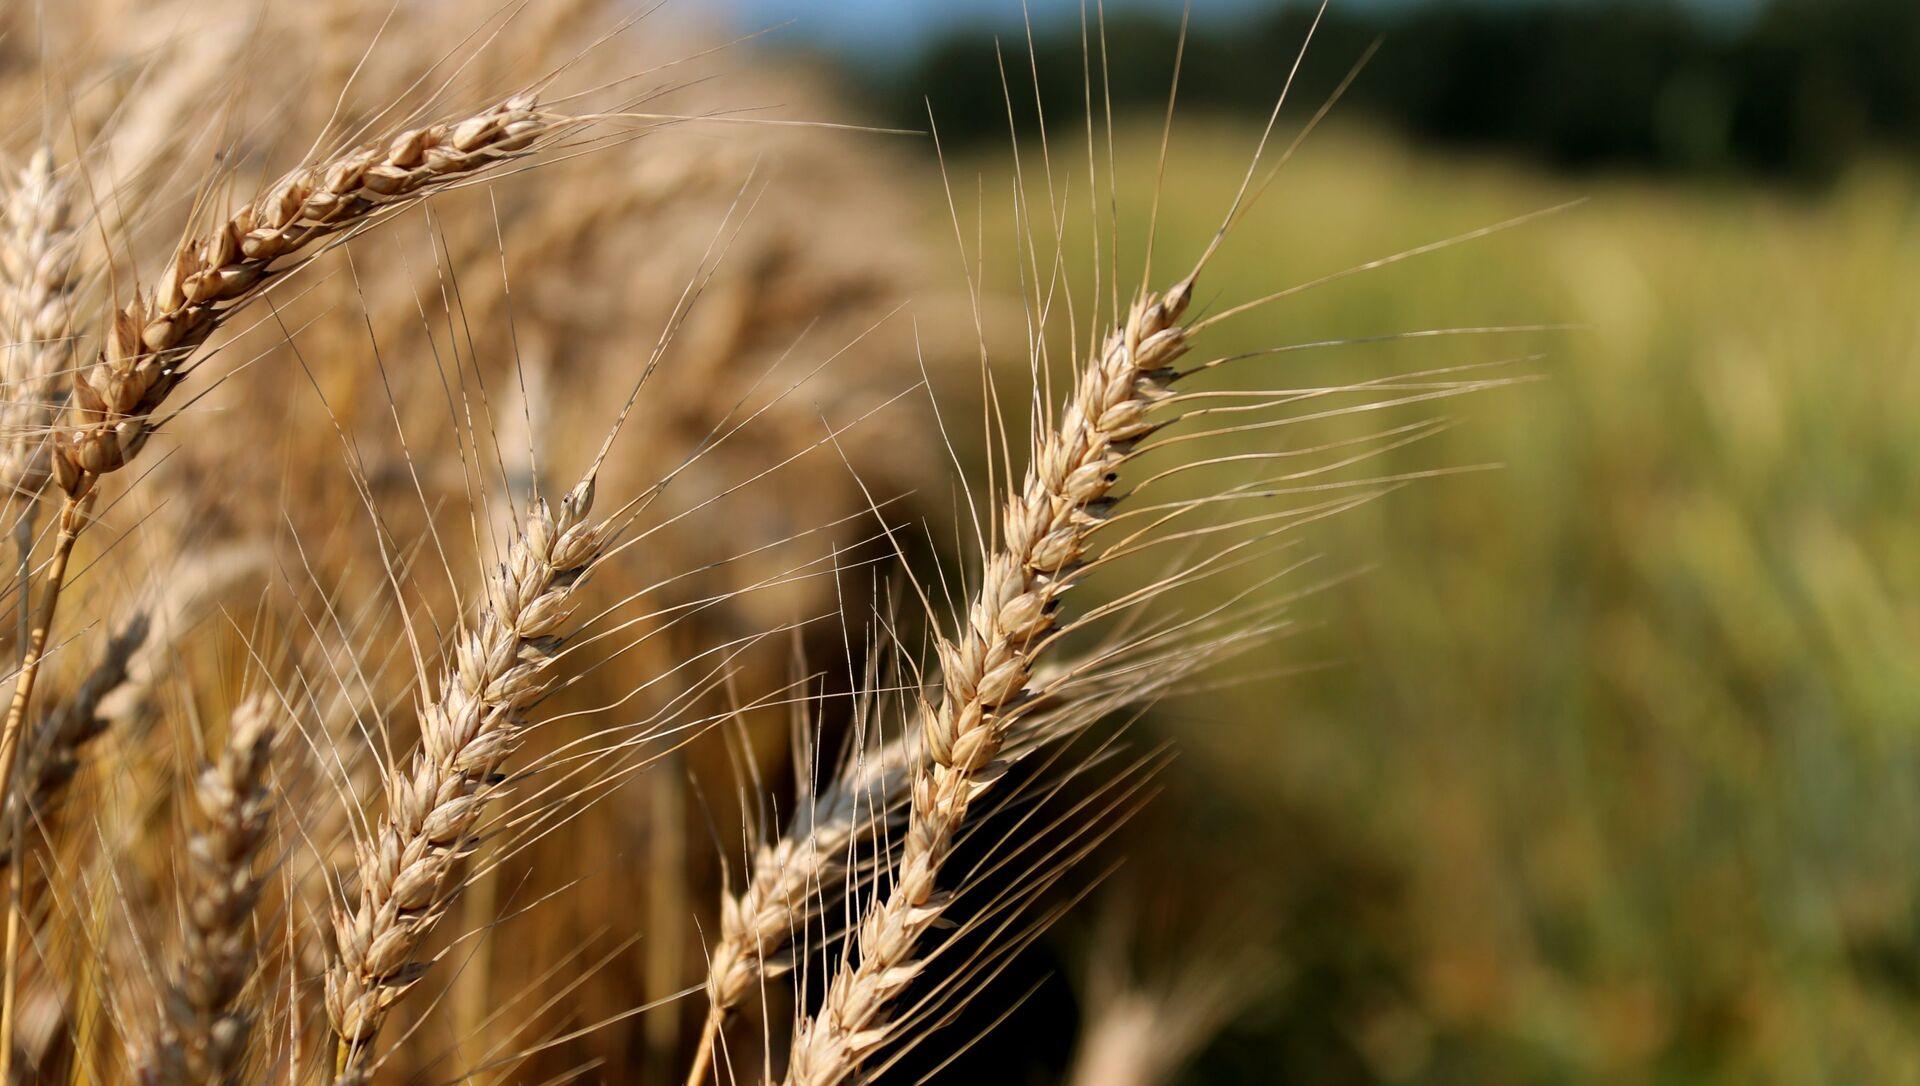 Демонстрация научных разработок по выращиванию пшеницы - Sputnik Аҧсны, 1920, 17.02.2021